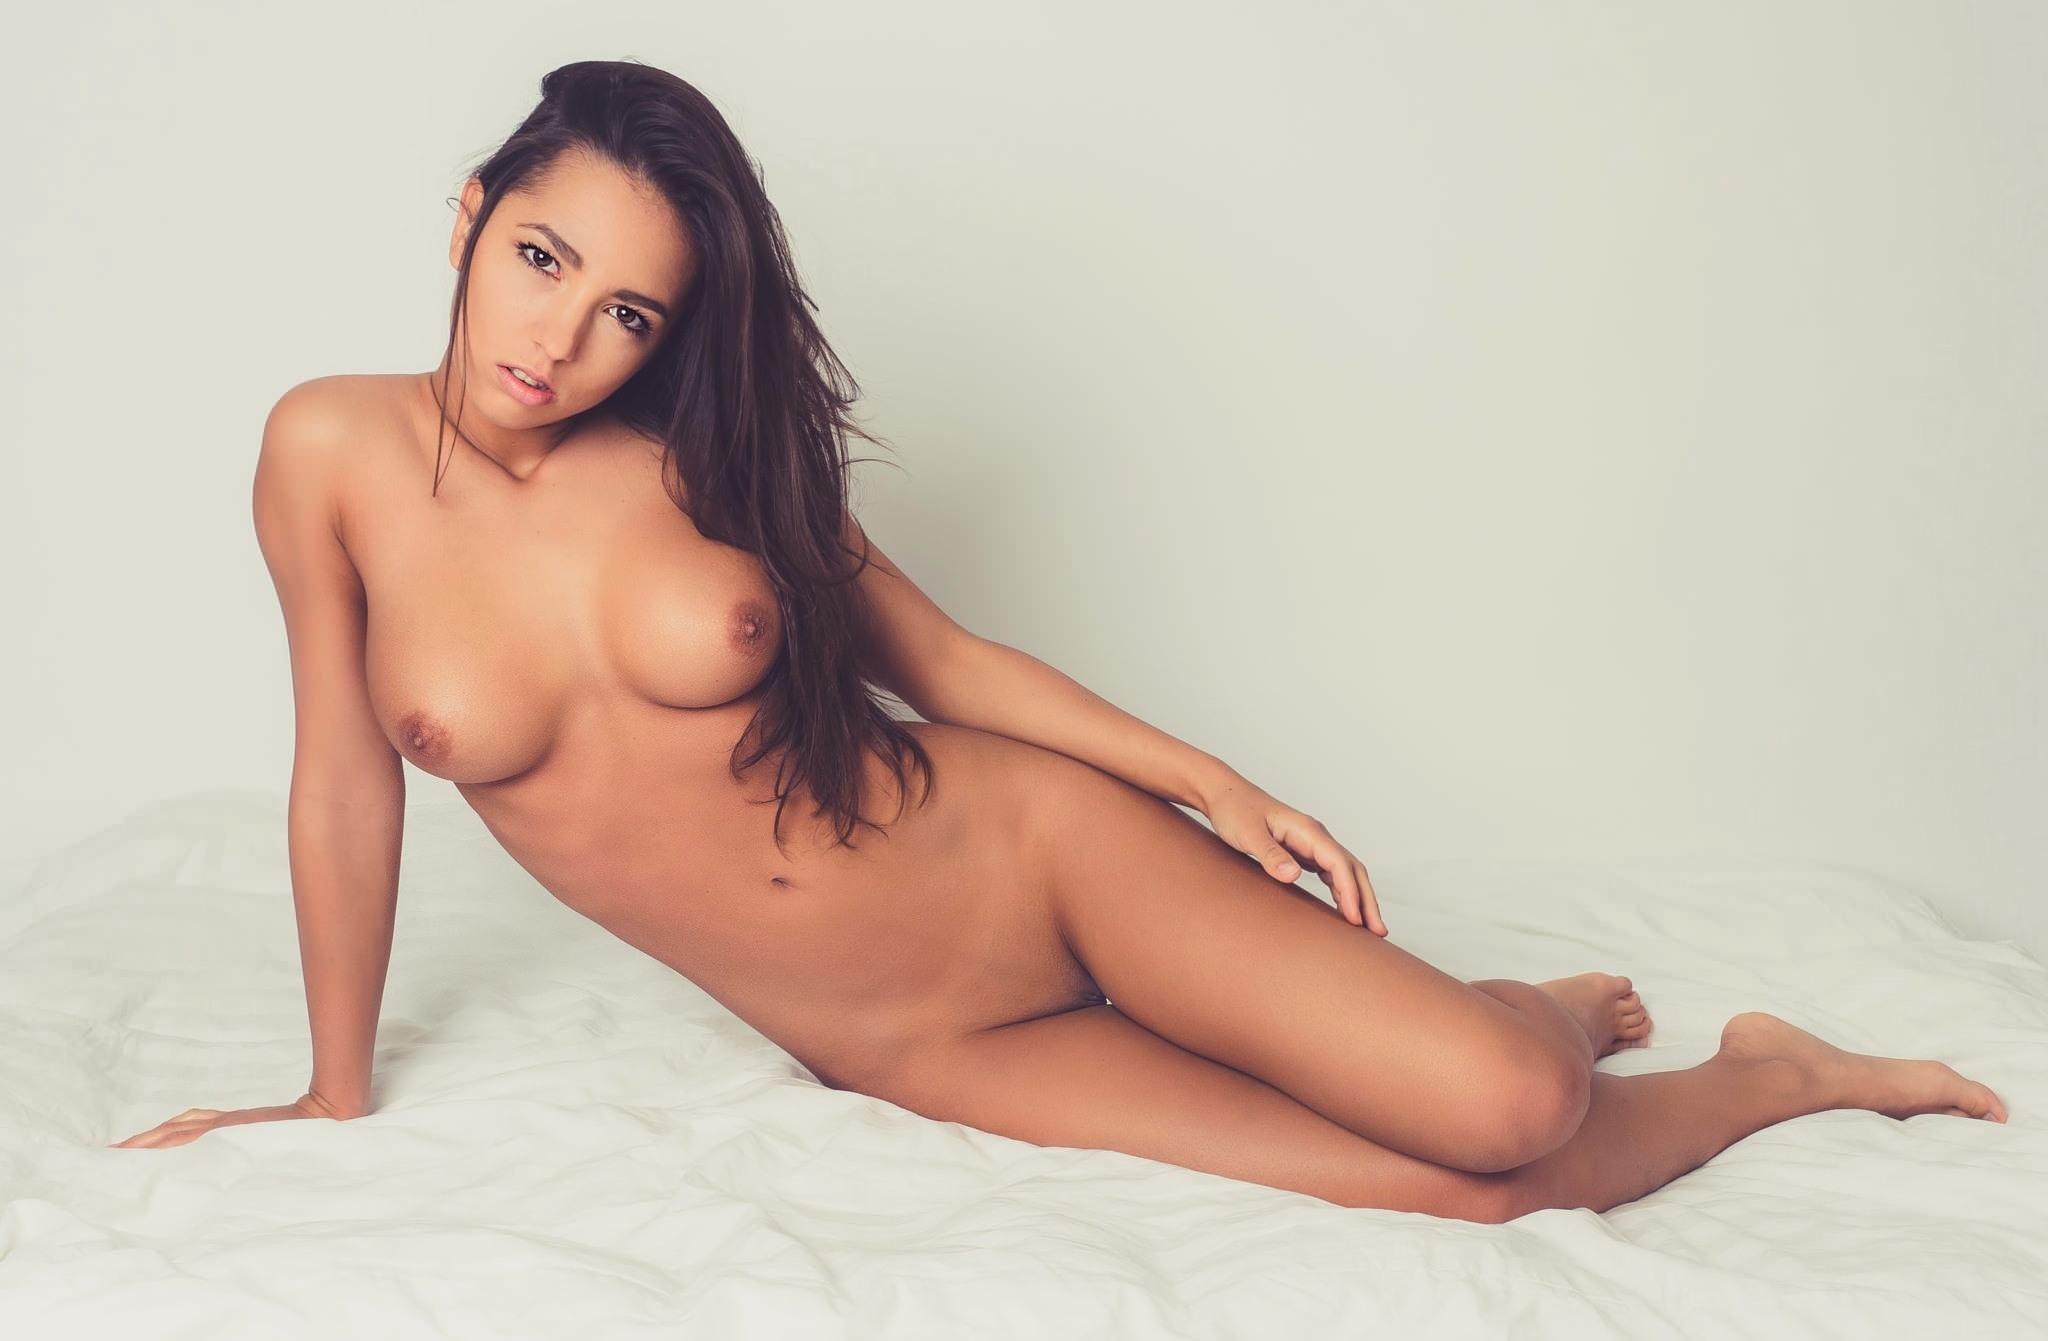 Голая девушка с длинными волосами на кровати фото фото 359-470